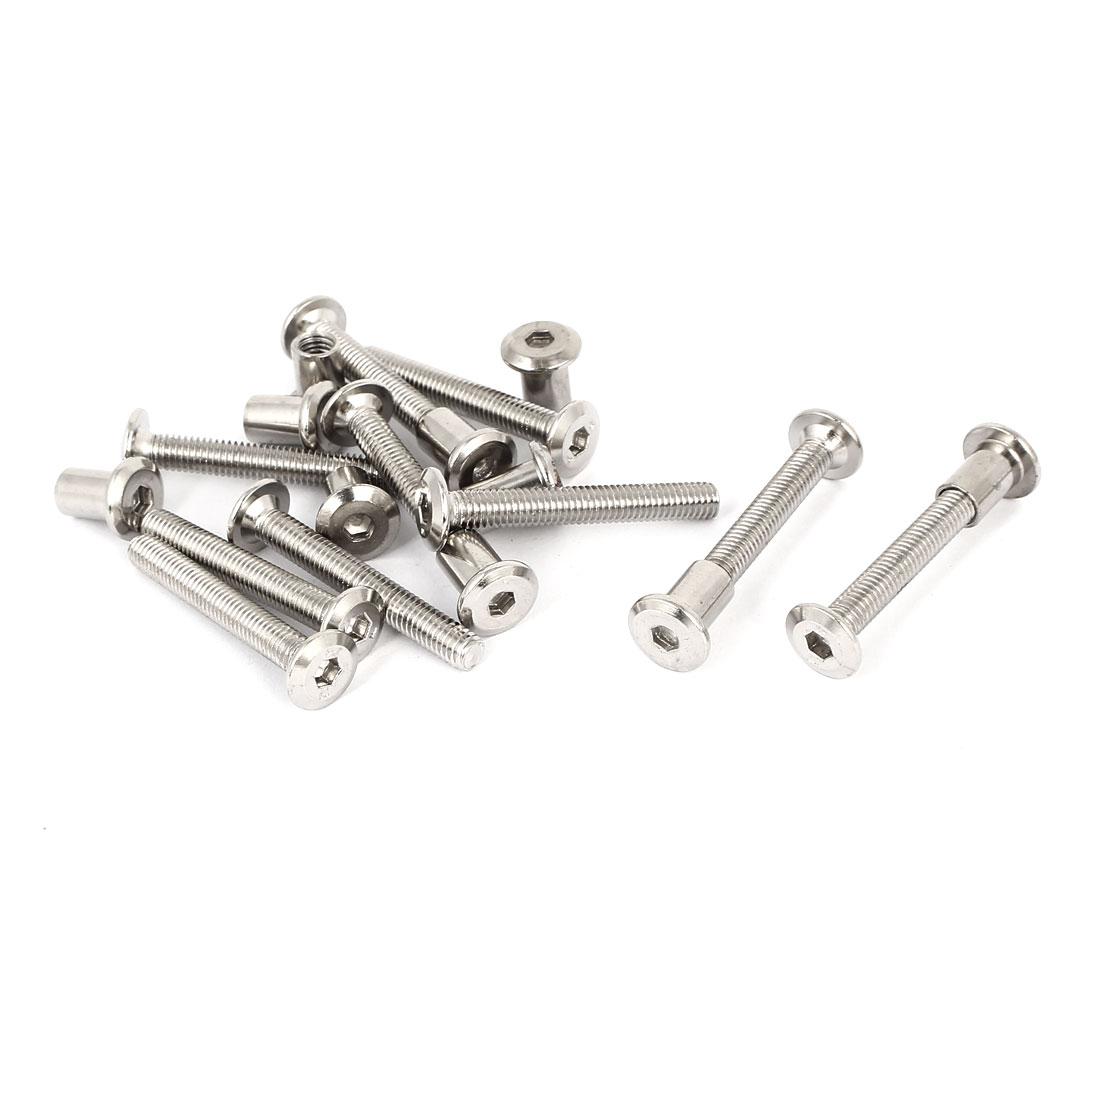 M6 x 45mm Hex Socket Head Barrel Nut Countersunk Screw Bolt Fasteners 10 Sets